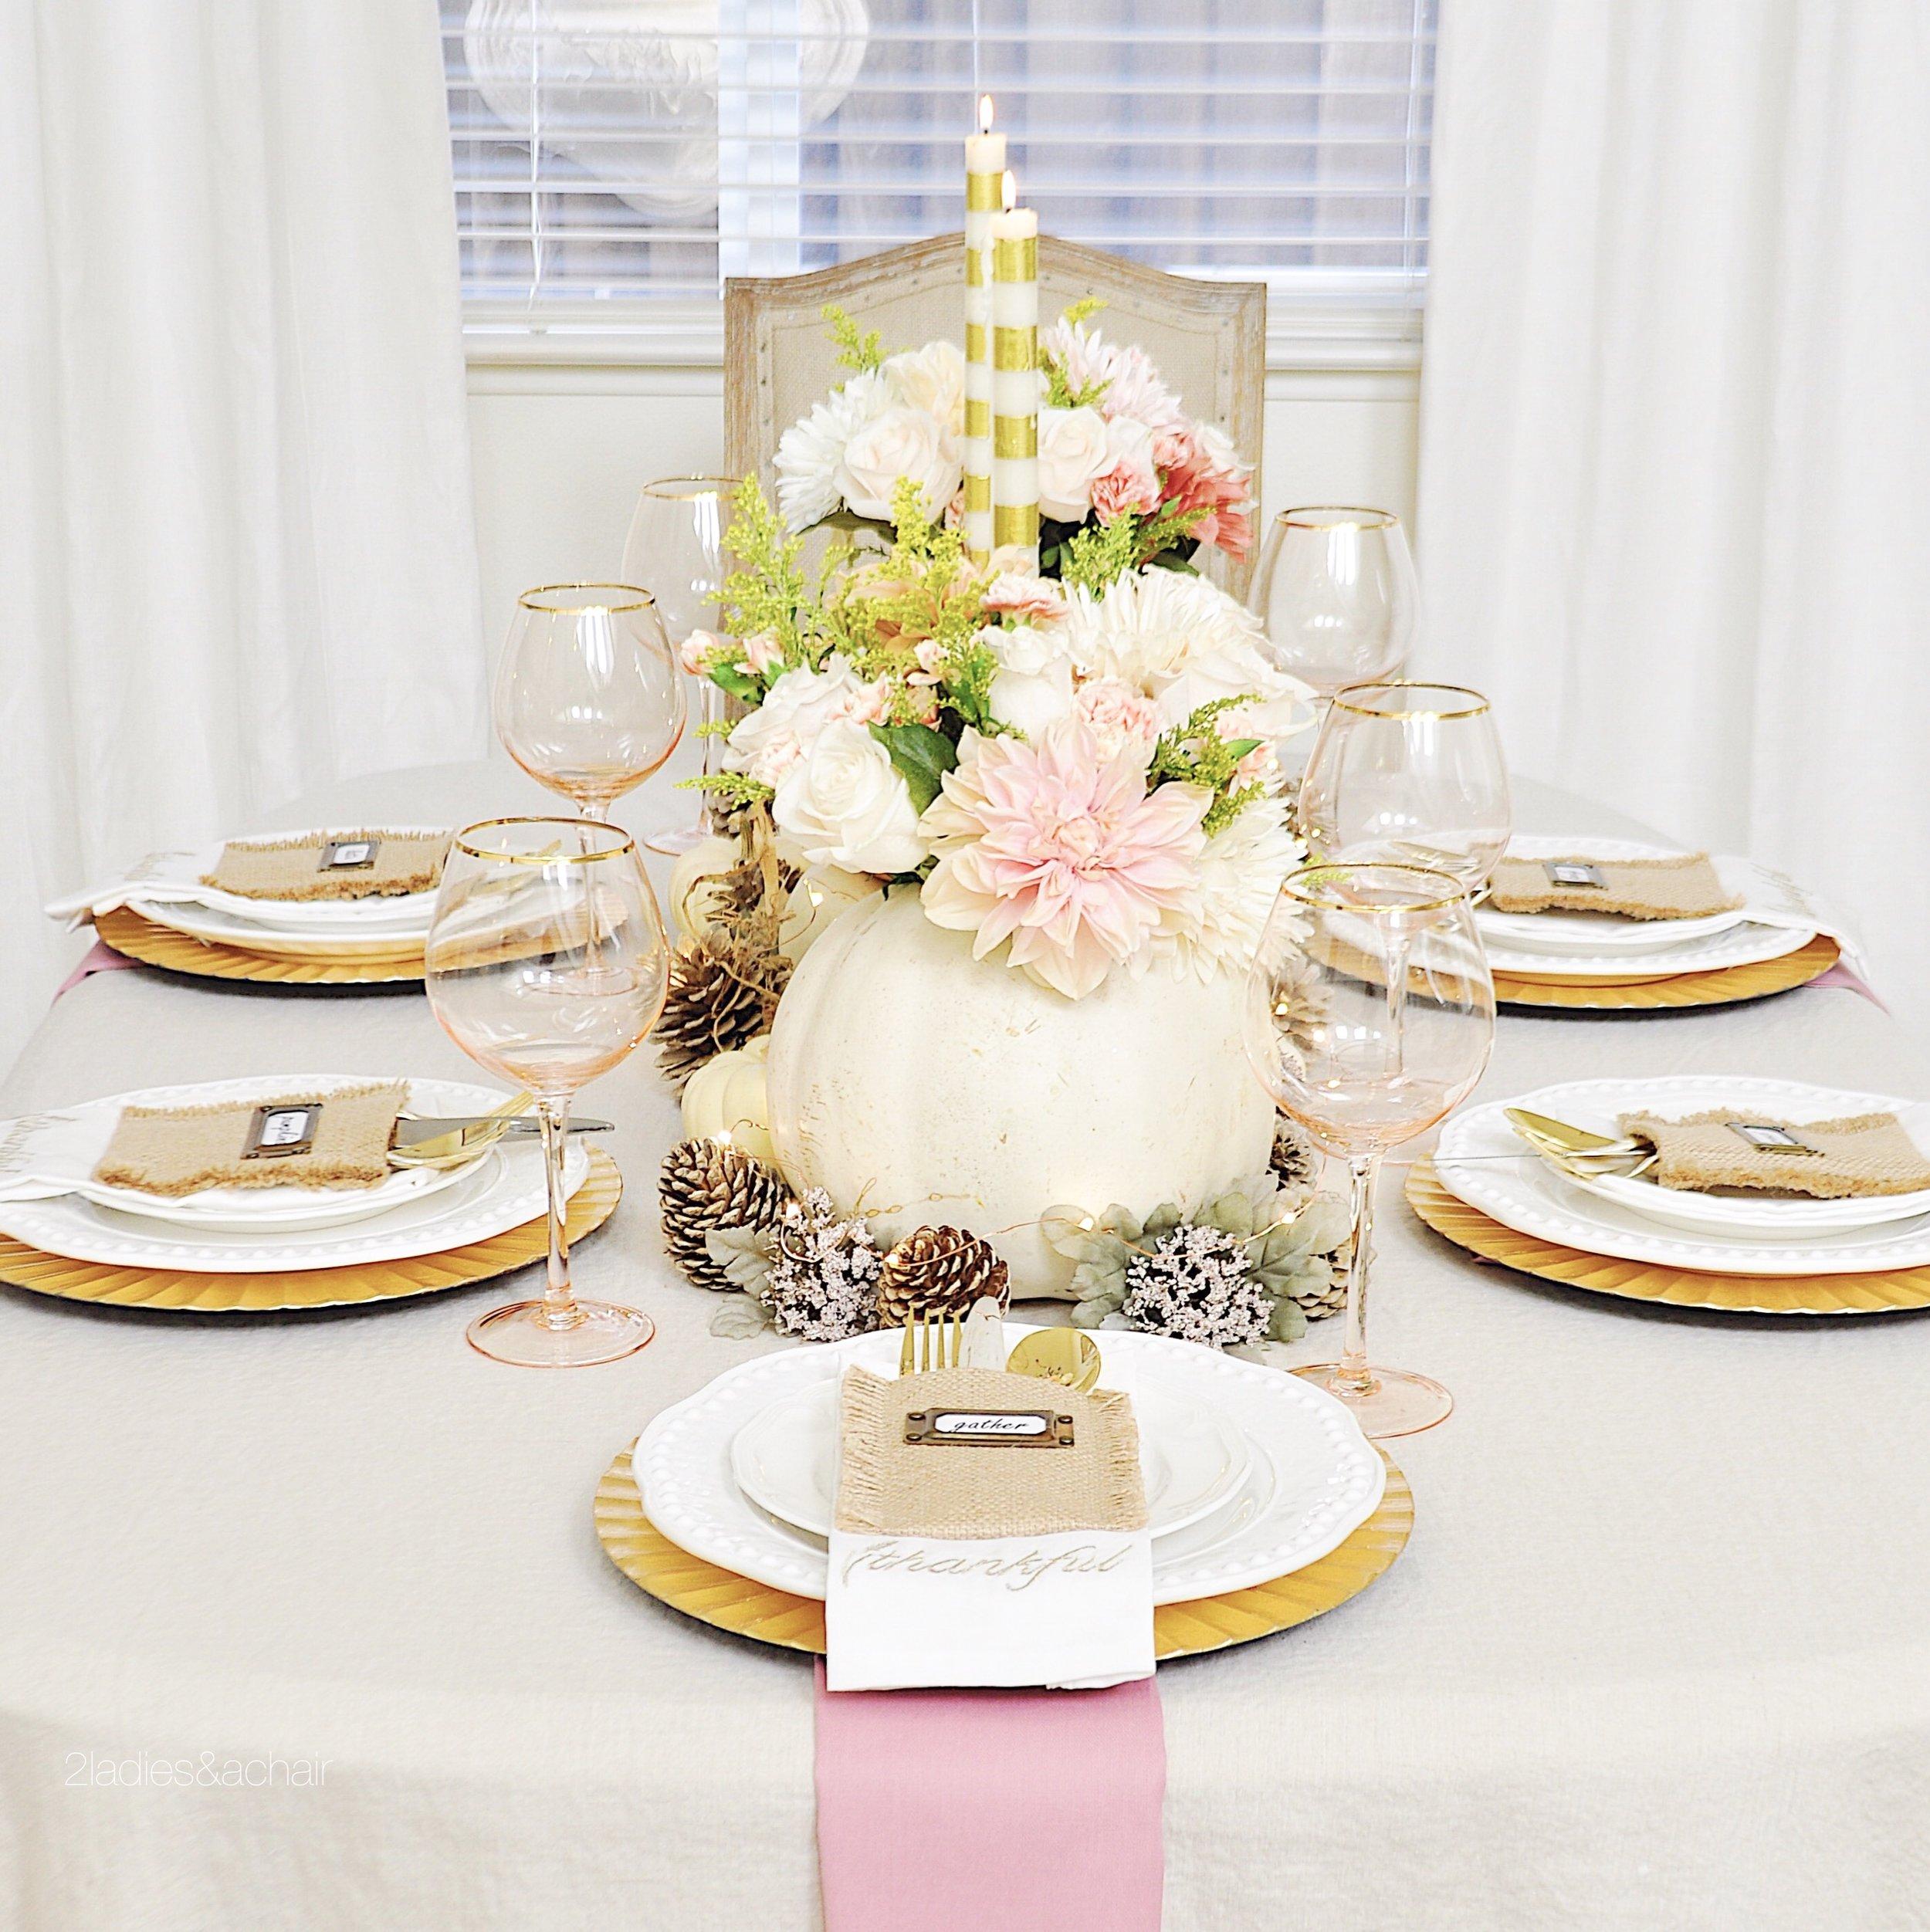 elegant thanksgiving table IMG_9774.jpg